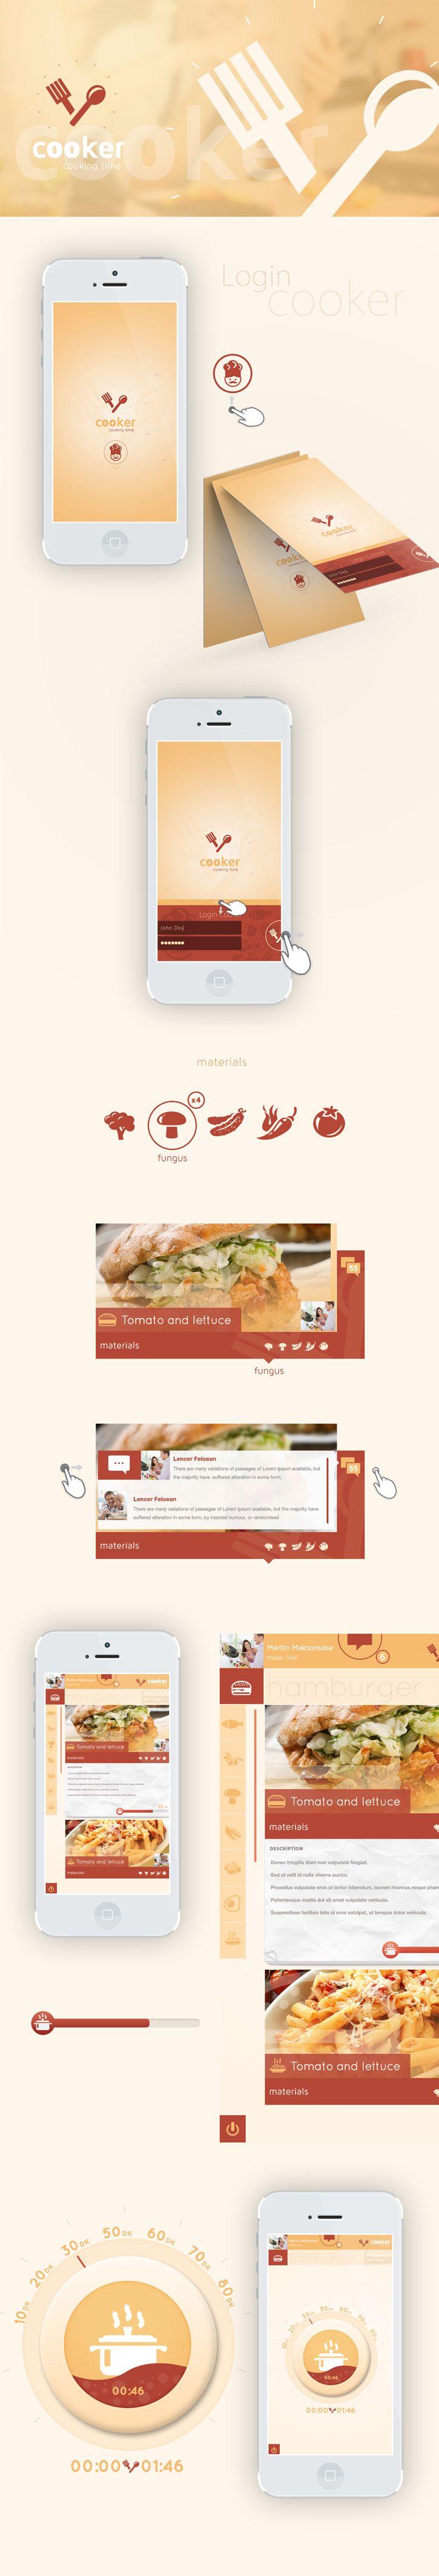 Cooker | App